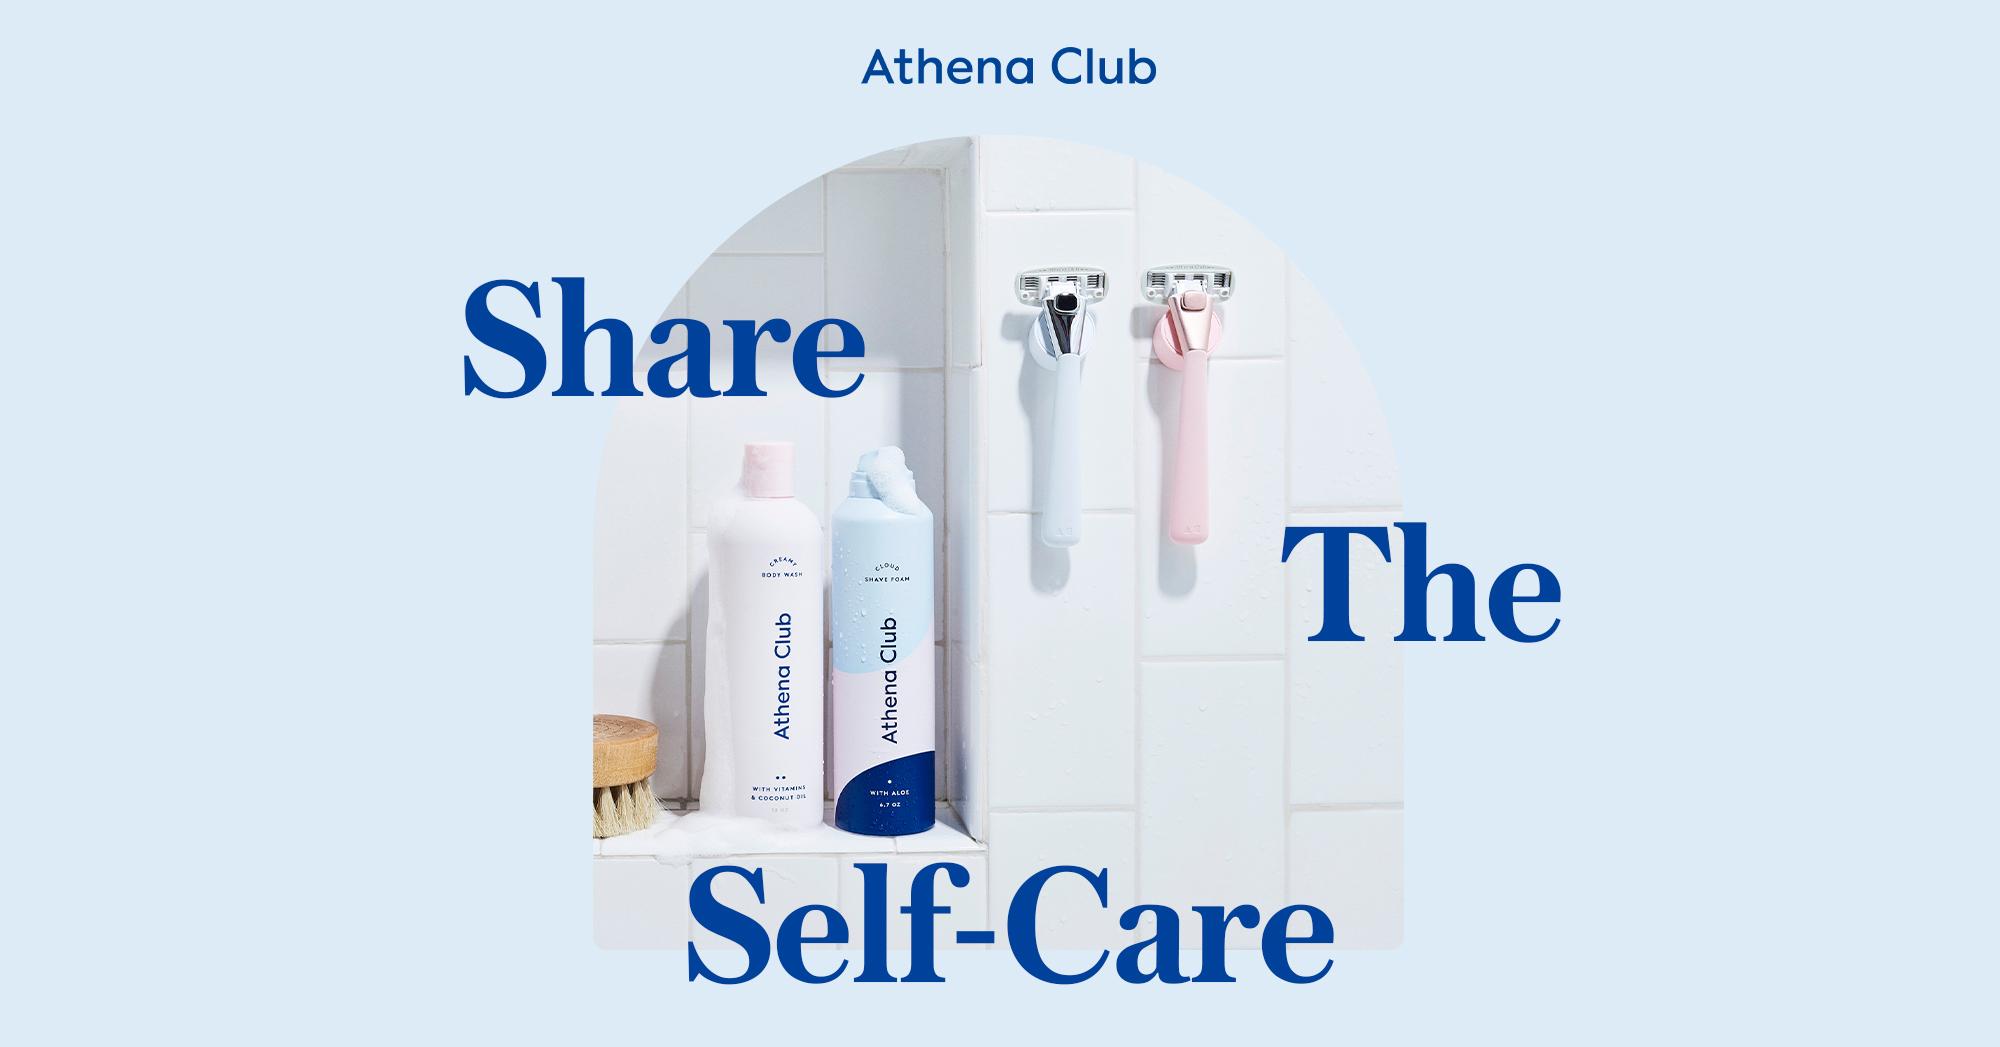 个护品牌 Athena Club 获 1500 万美元 A 轮融资